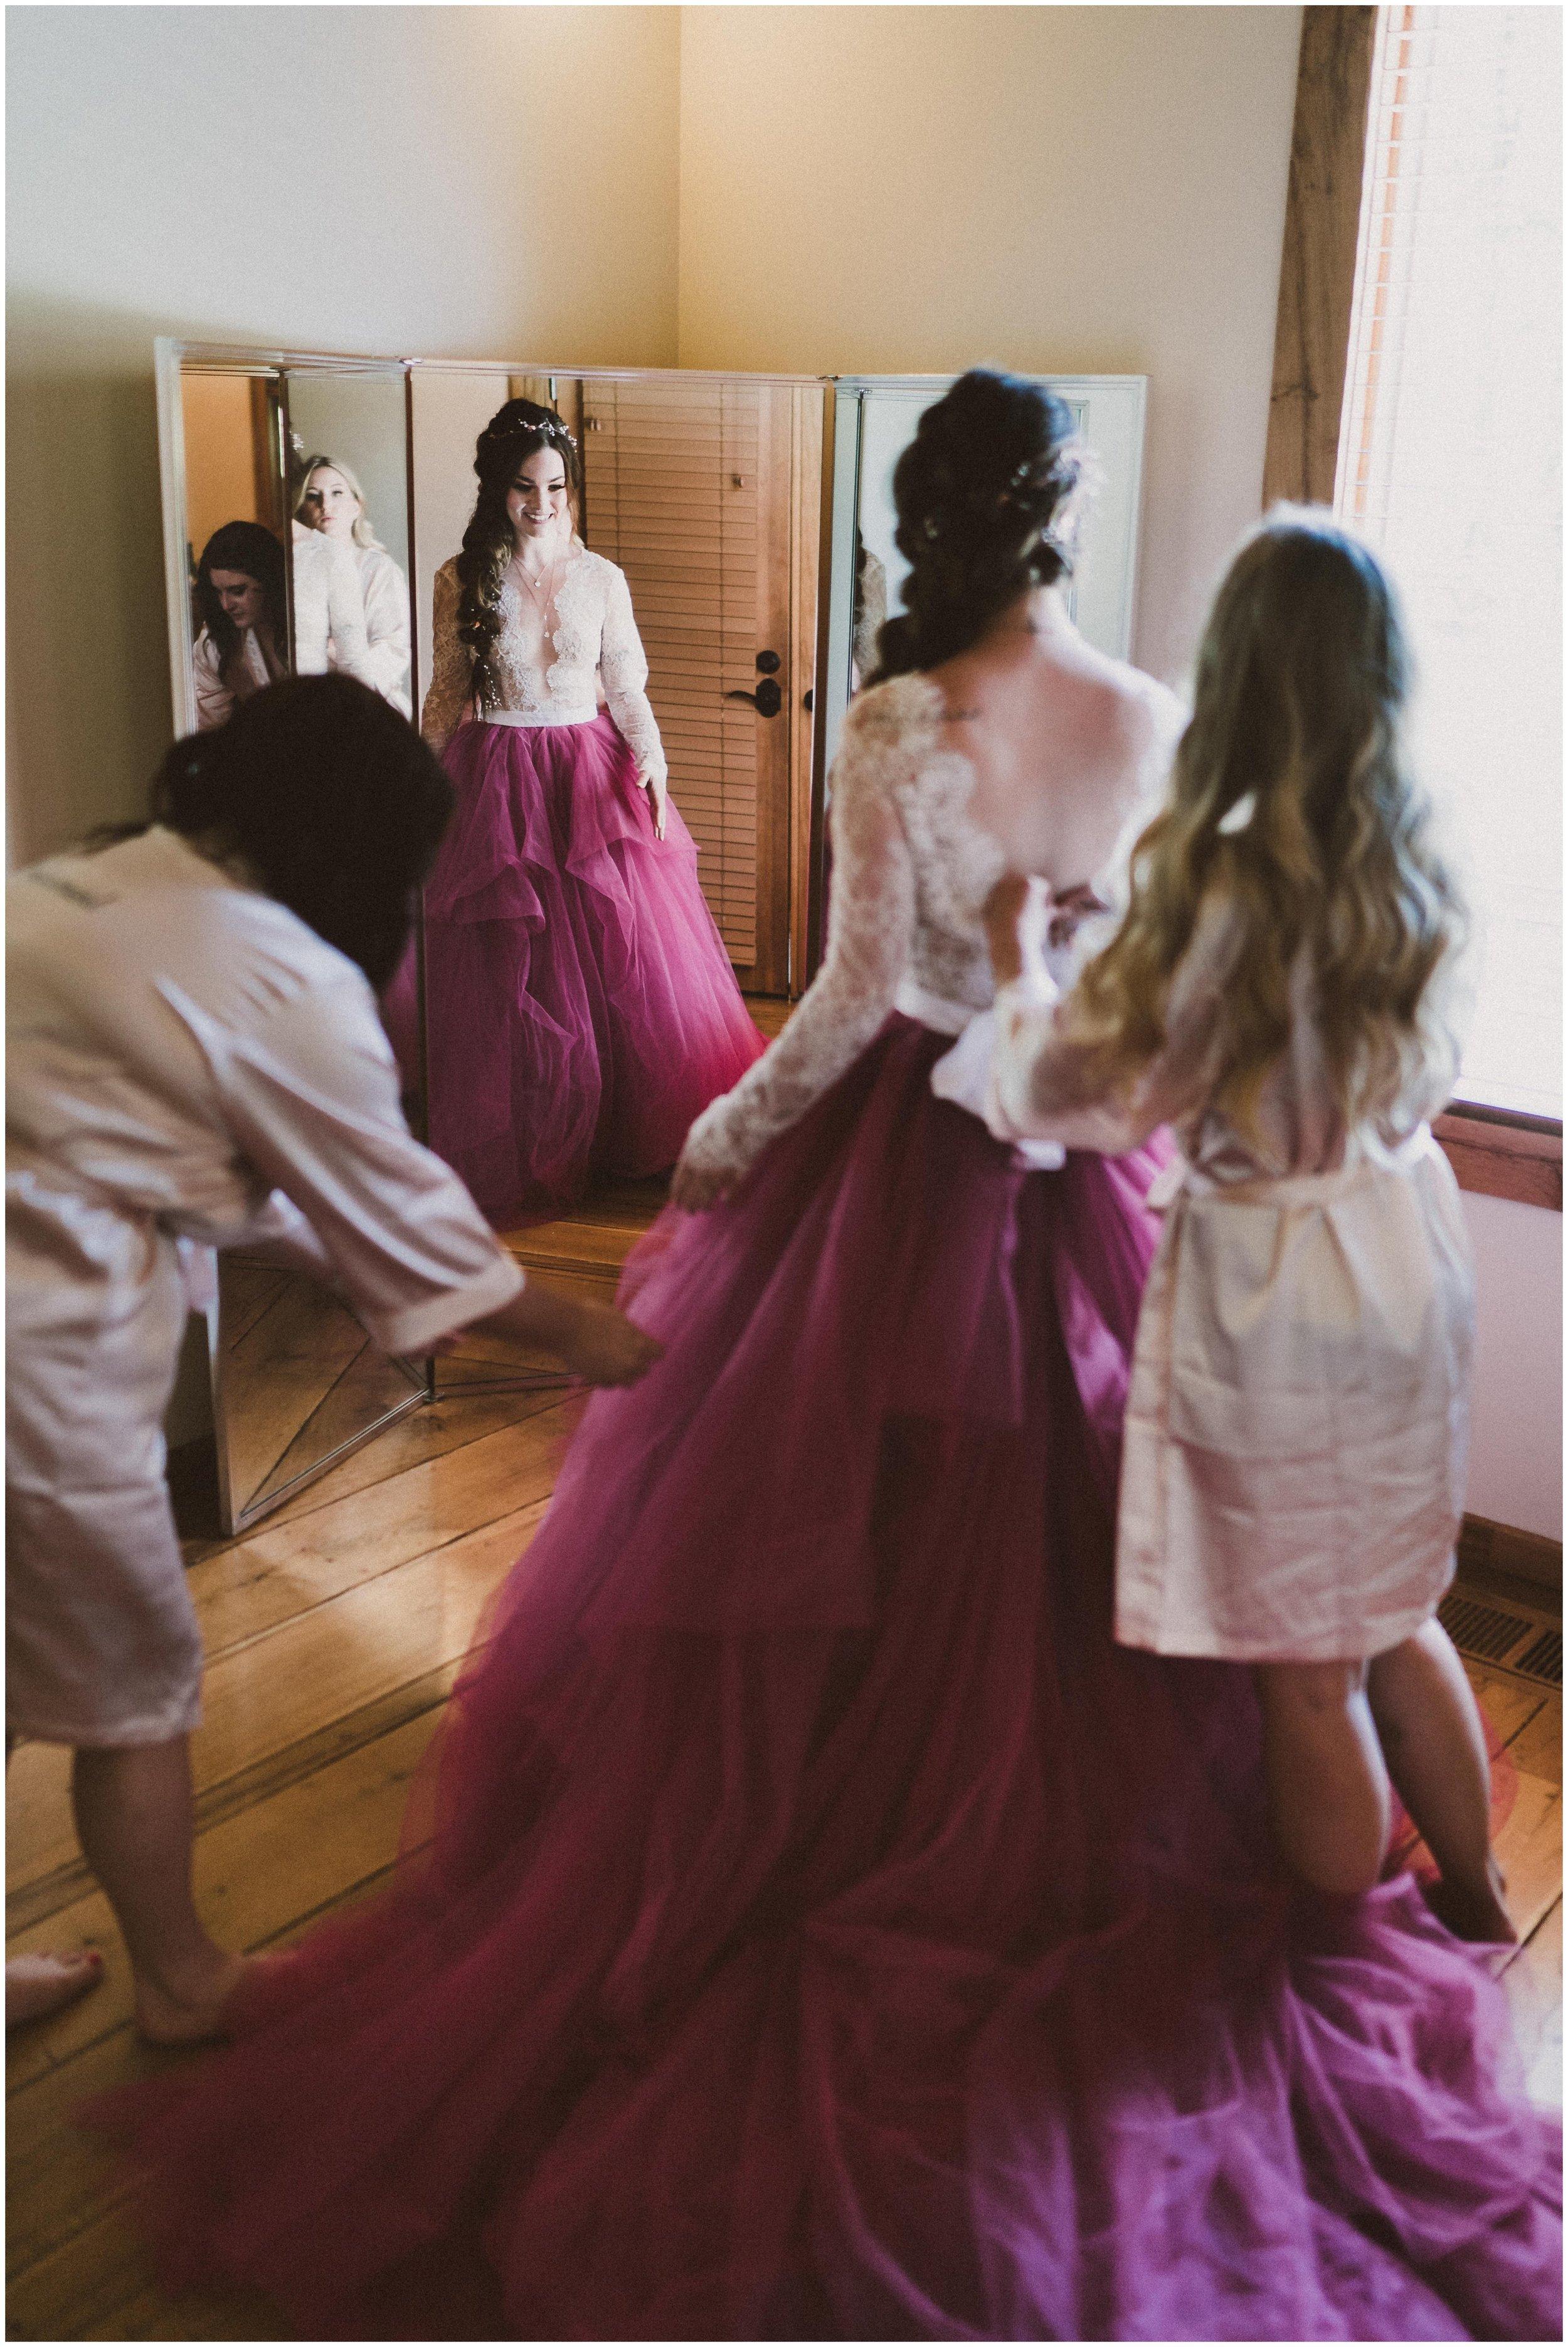 TONY-GAMBINO-PHOTOGRAPHY-BEND-OREGON-WEDDING-SHOOT-000_1505 wedding dress.jpg